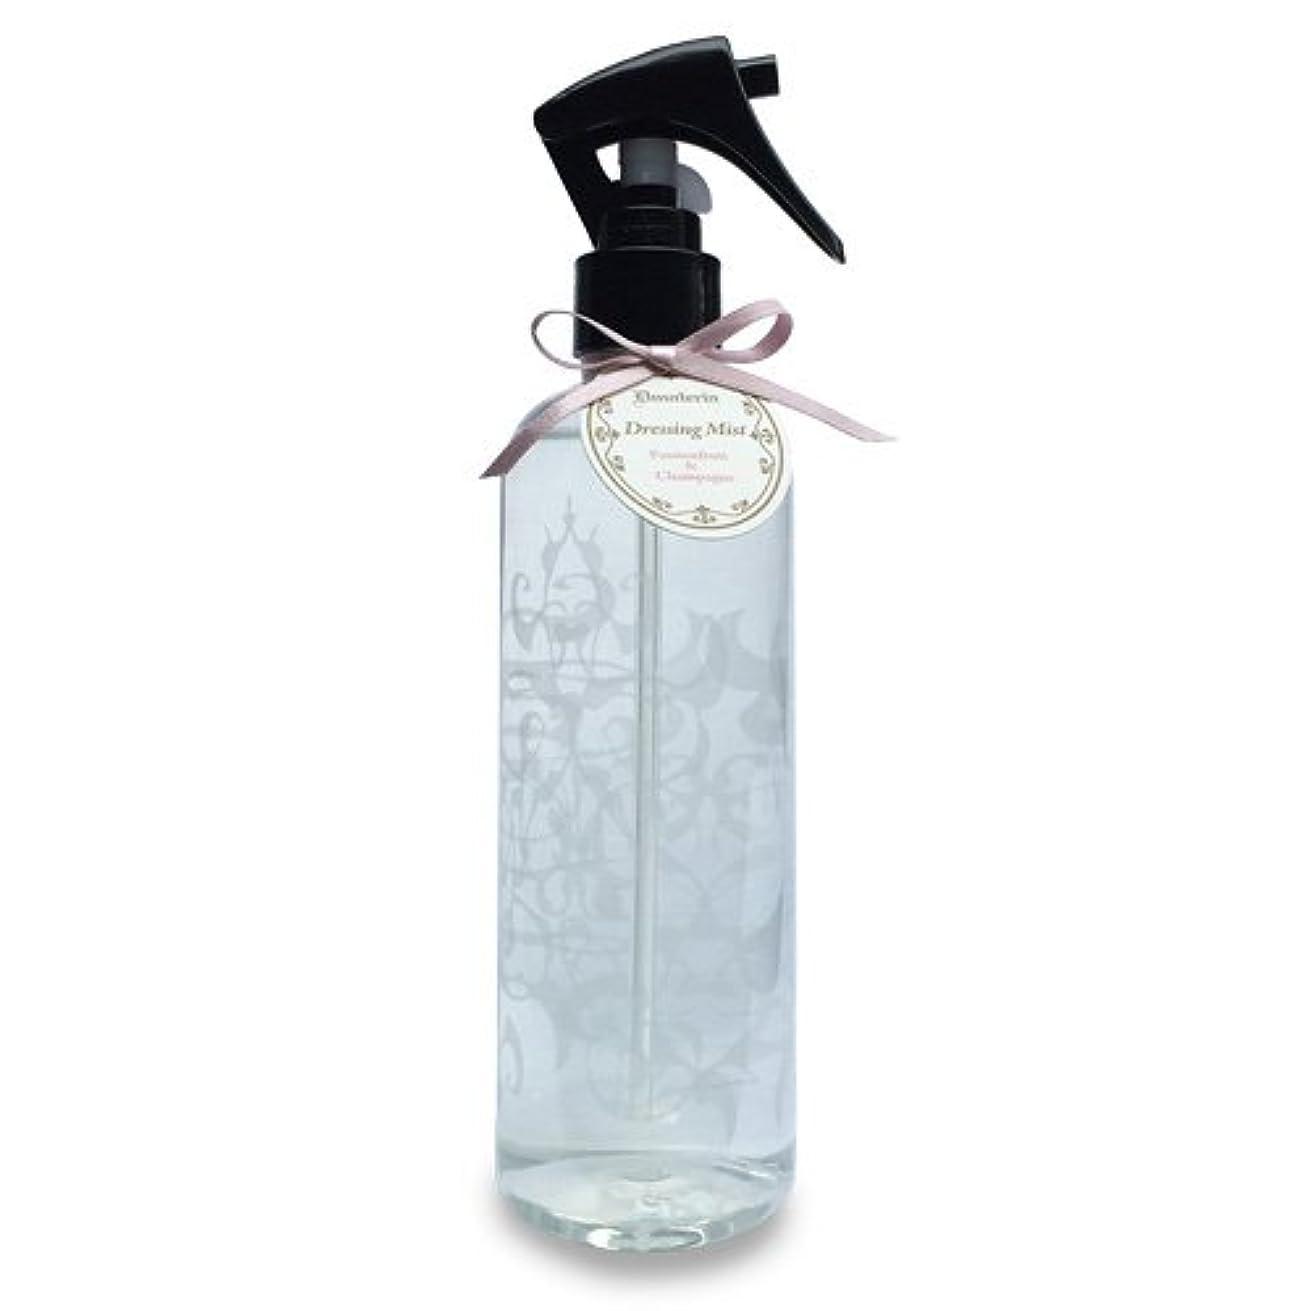 ごちそう変装破滅的なD materia ドレッシングミスト パッションフルーツ&シャンパン Passionfruit&Champagne Dressing Mist ディーマテリア